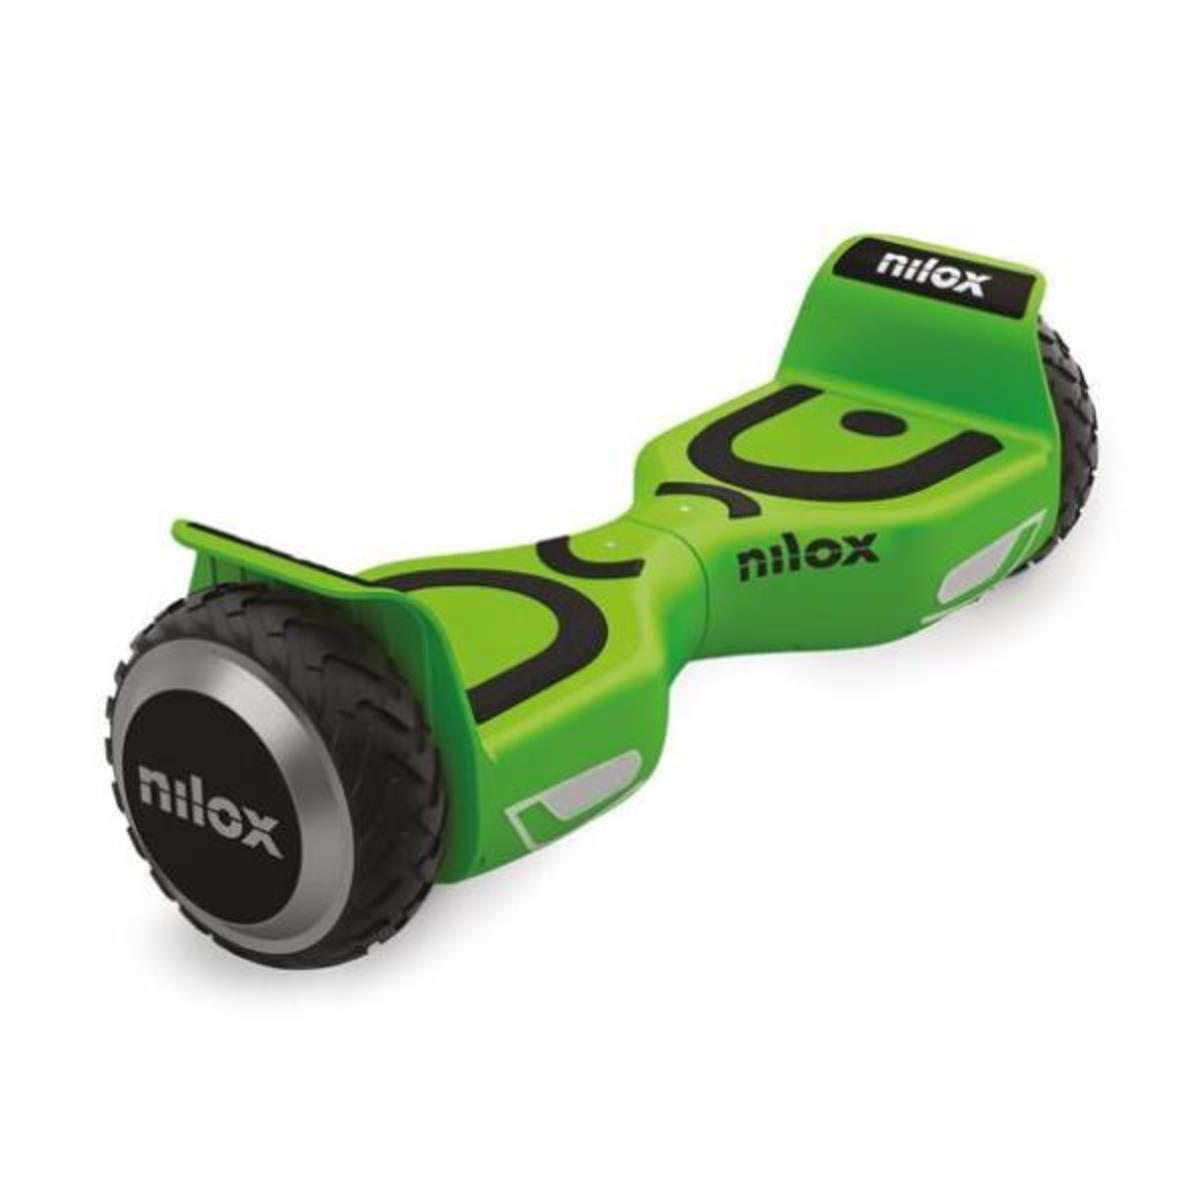 Bild 1 von Nilox DOC 2 E-Balance Board Grün